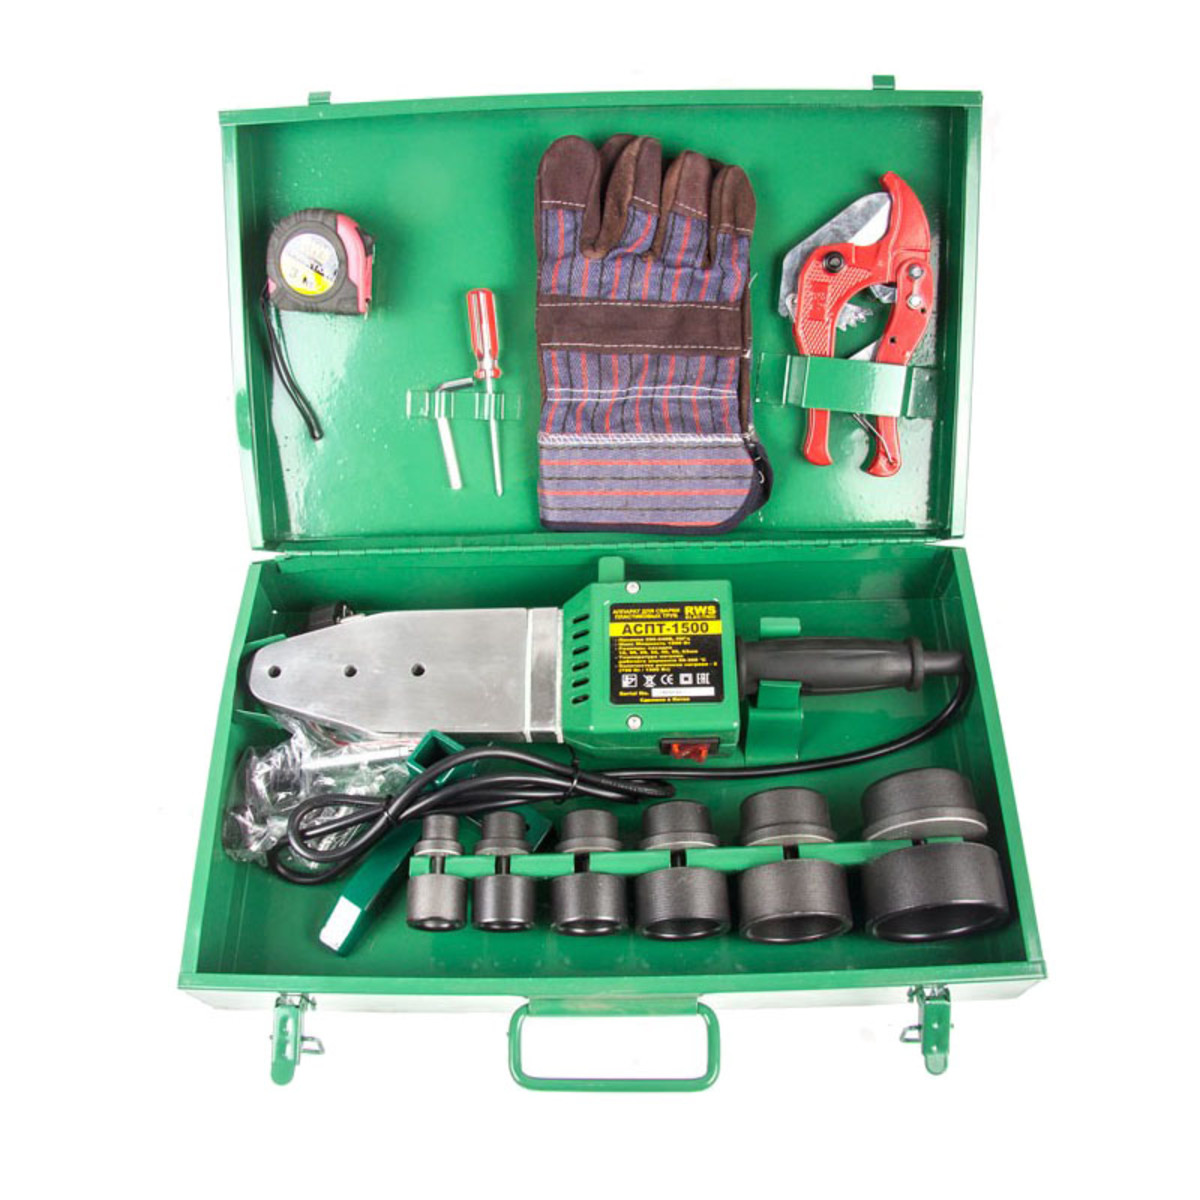 Сварочные аппараты для пластиковых труб RWS АСПТ-1500 25665